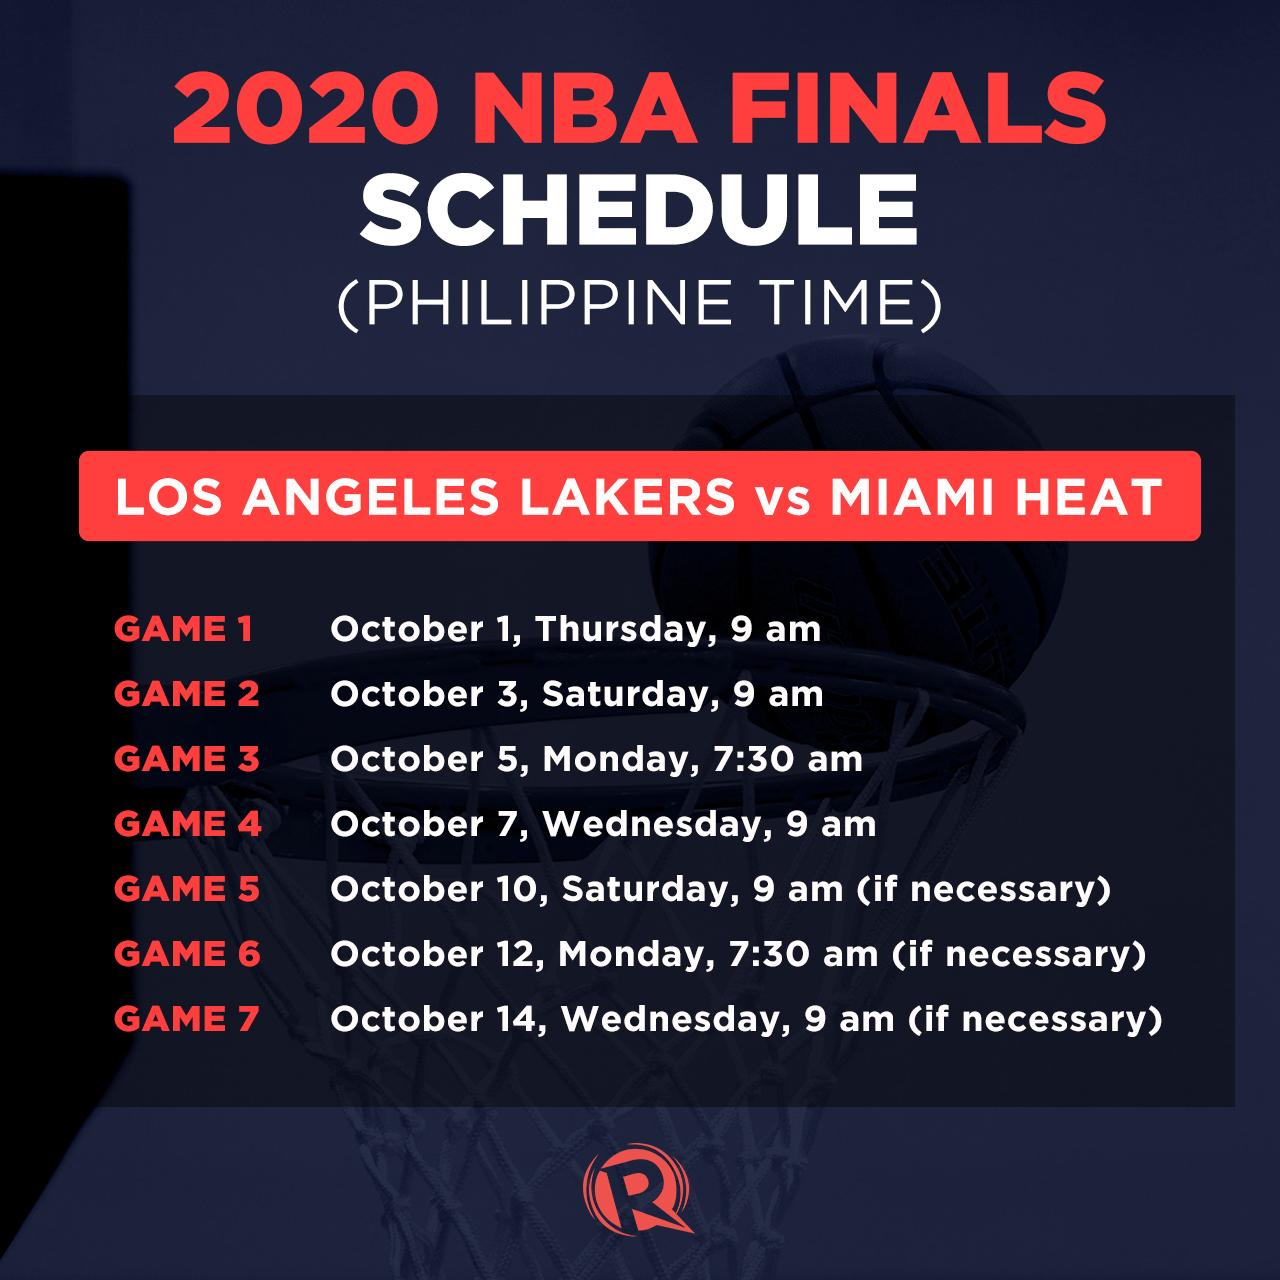 Schedule 2020 Nba Finals Philippine Time